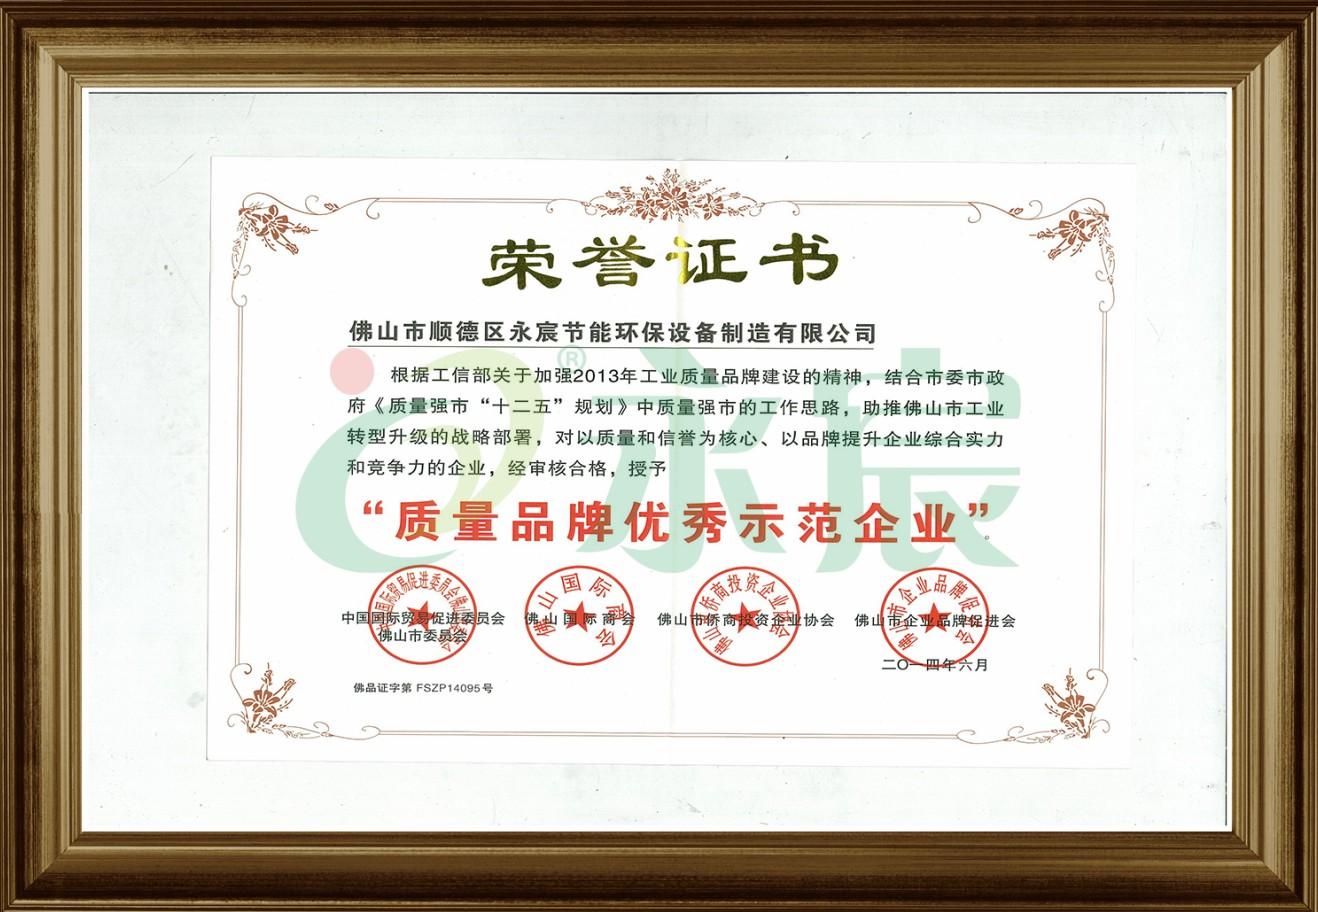 质量品牌优秀示范企业荣誉证书